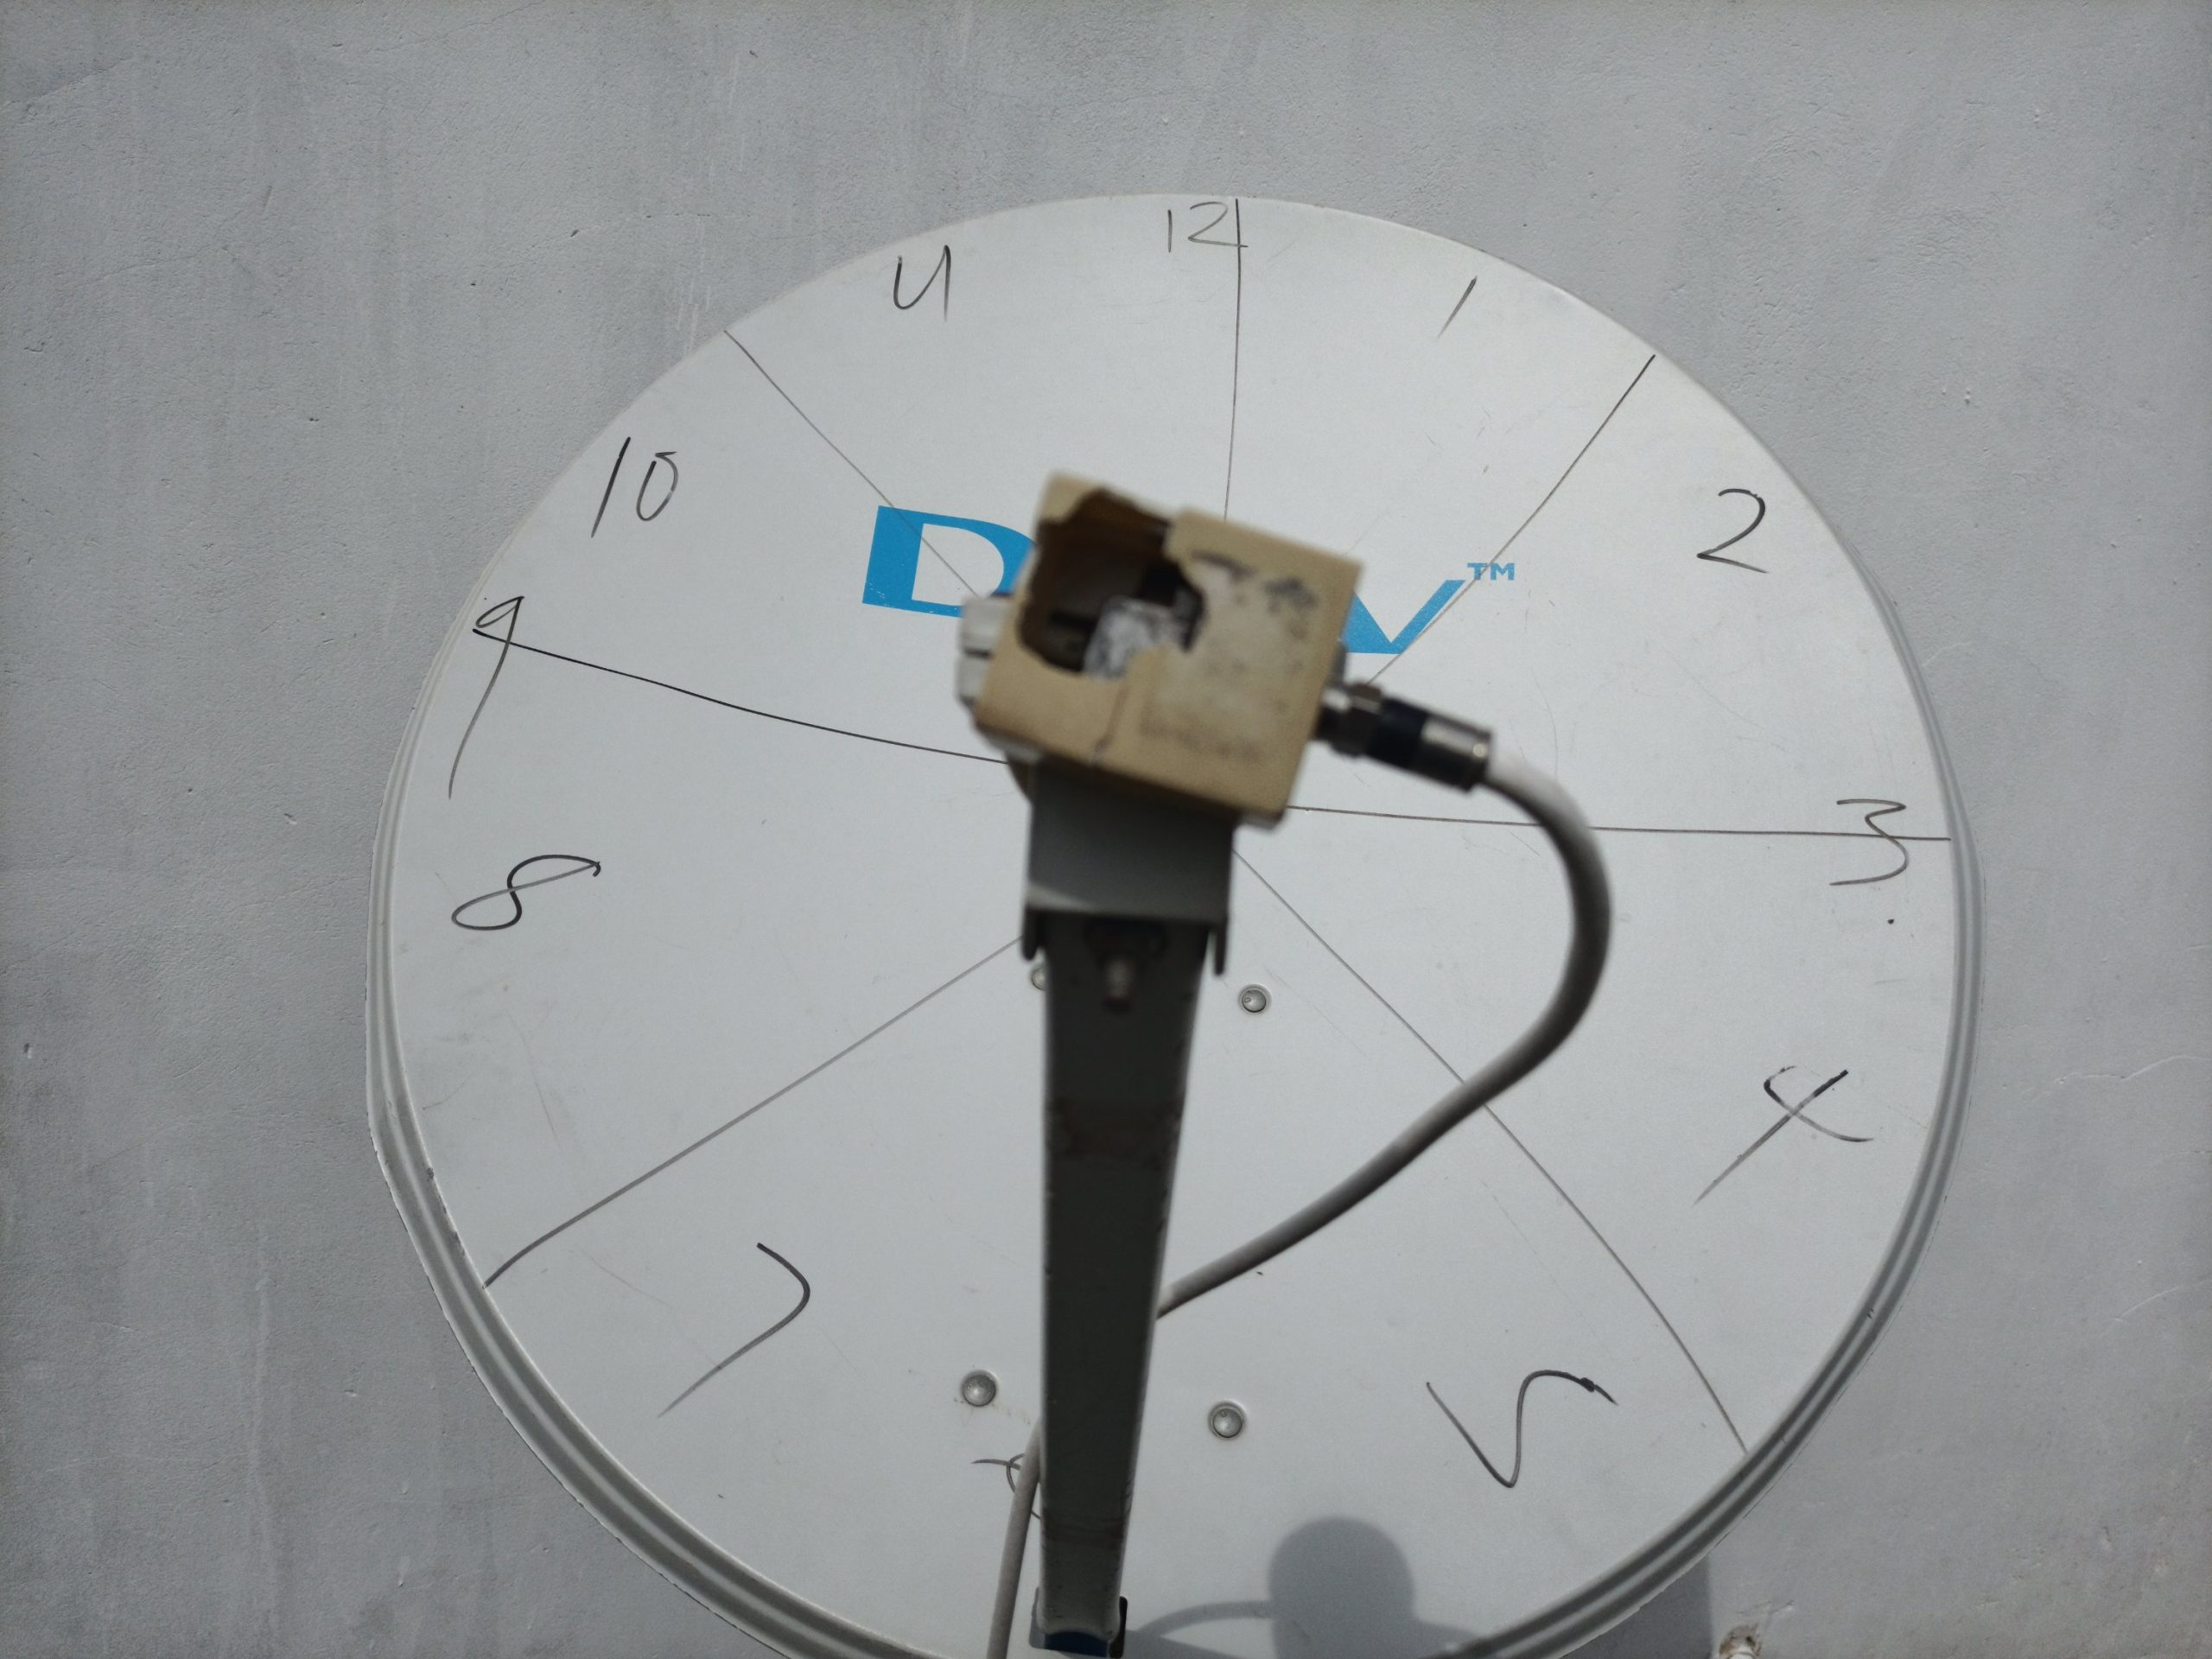 LNB skew 4 o'clock